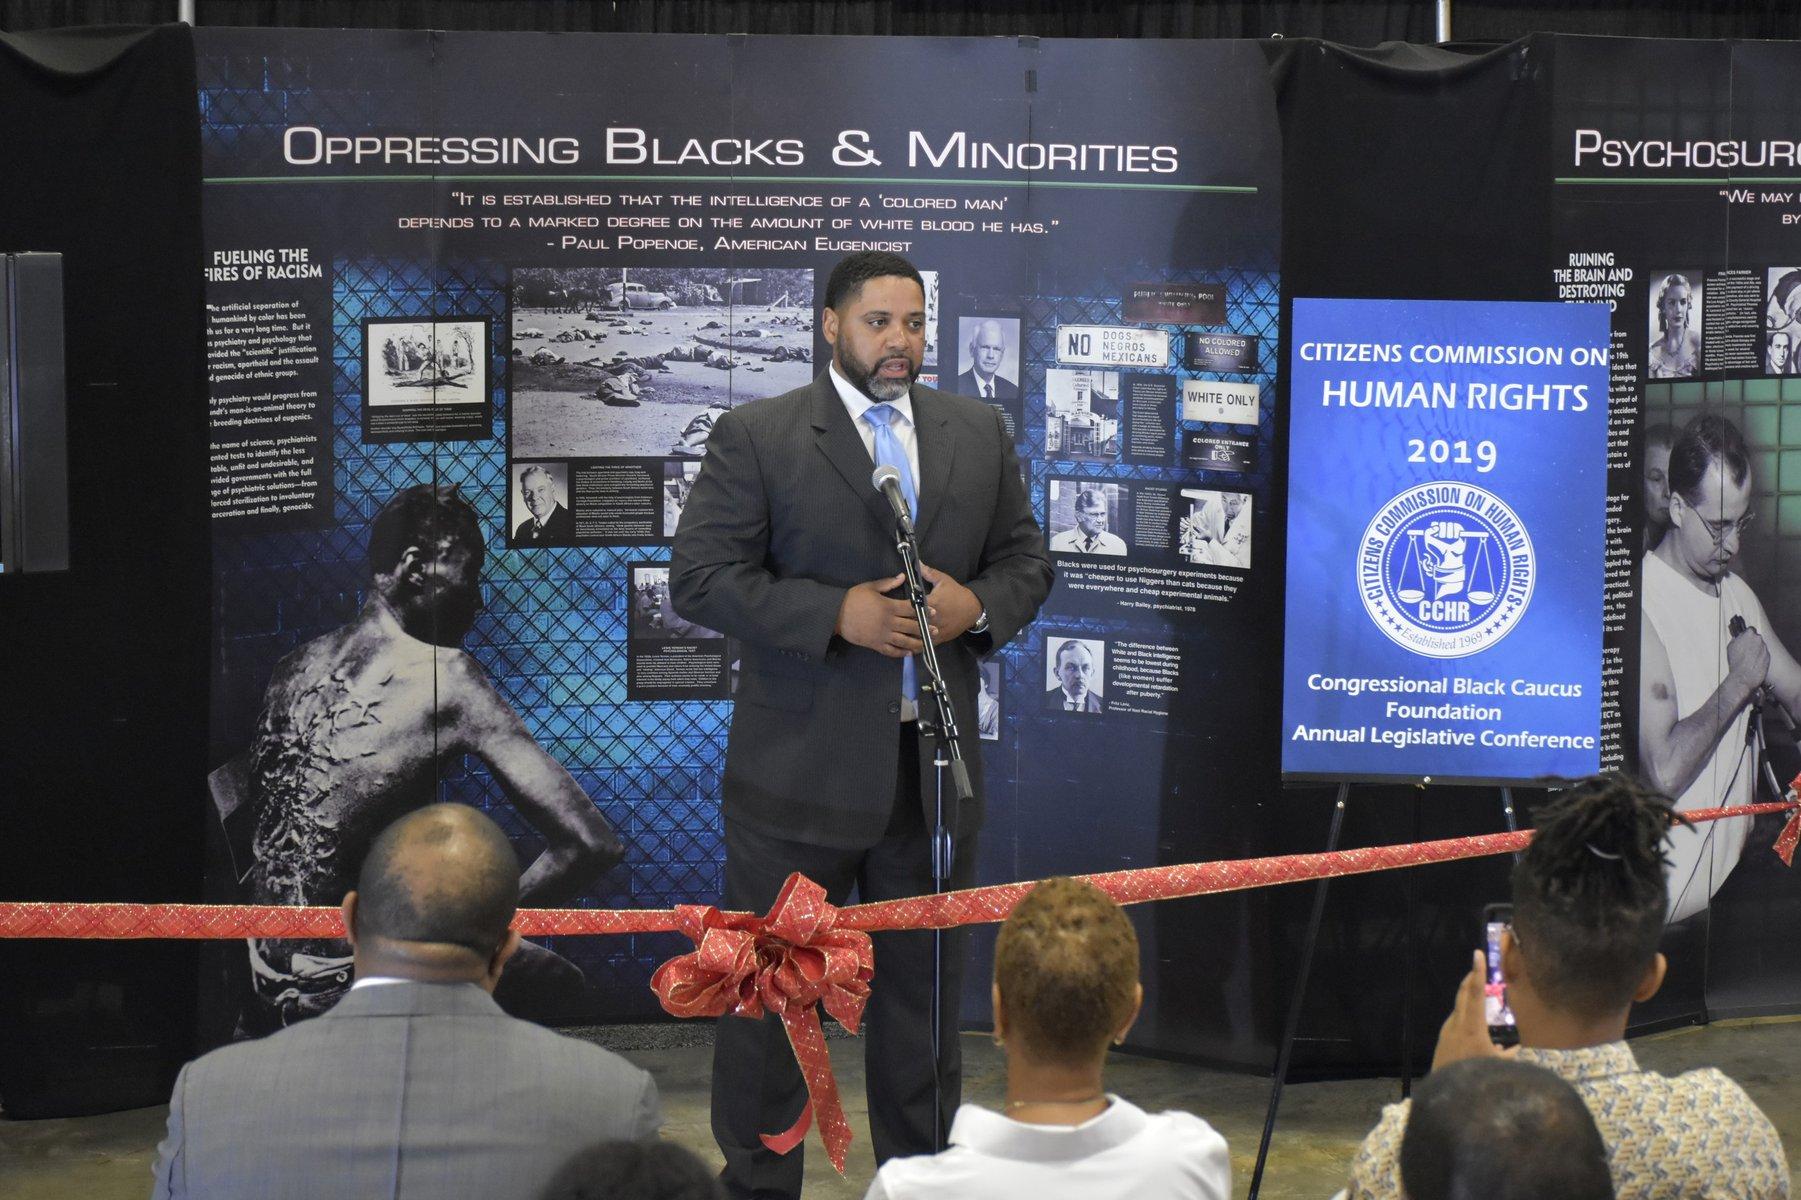 Les hommes noirs sont-ils la cible de traitements psychiatriques controversés et expérimentaux